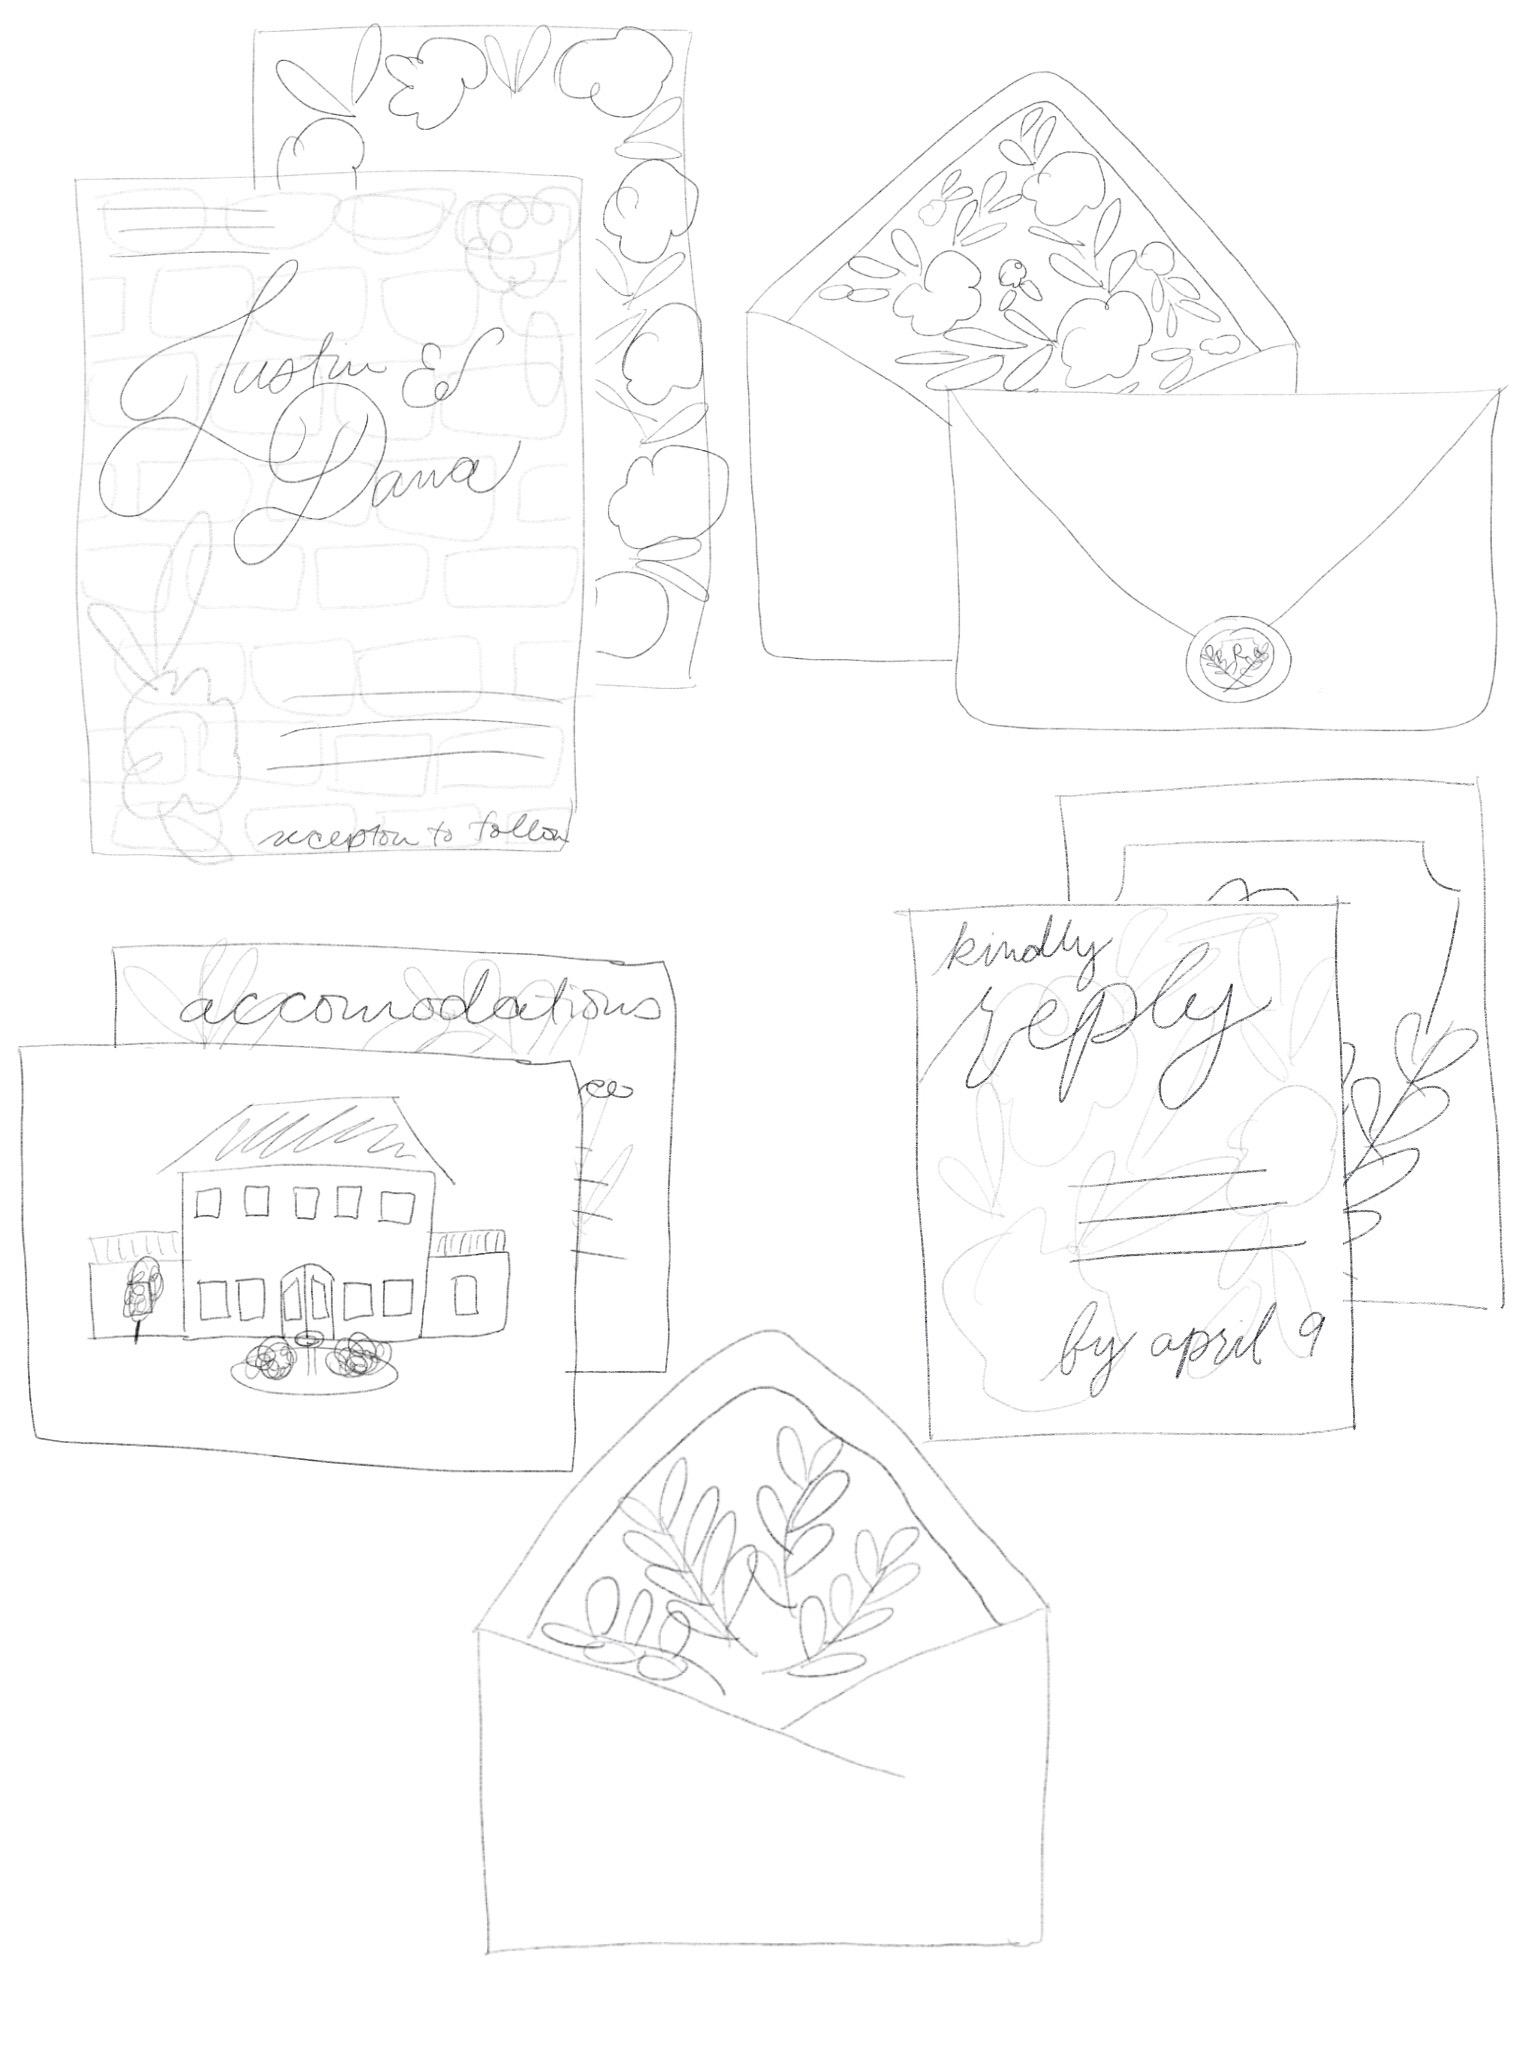 Reid_Invitation_Sketch_031417.JPG